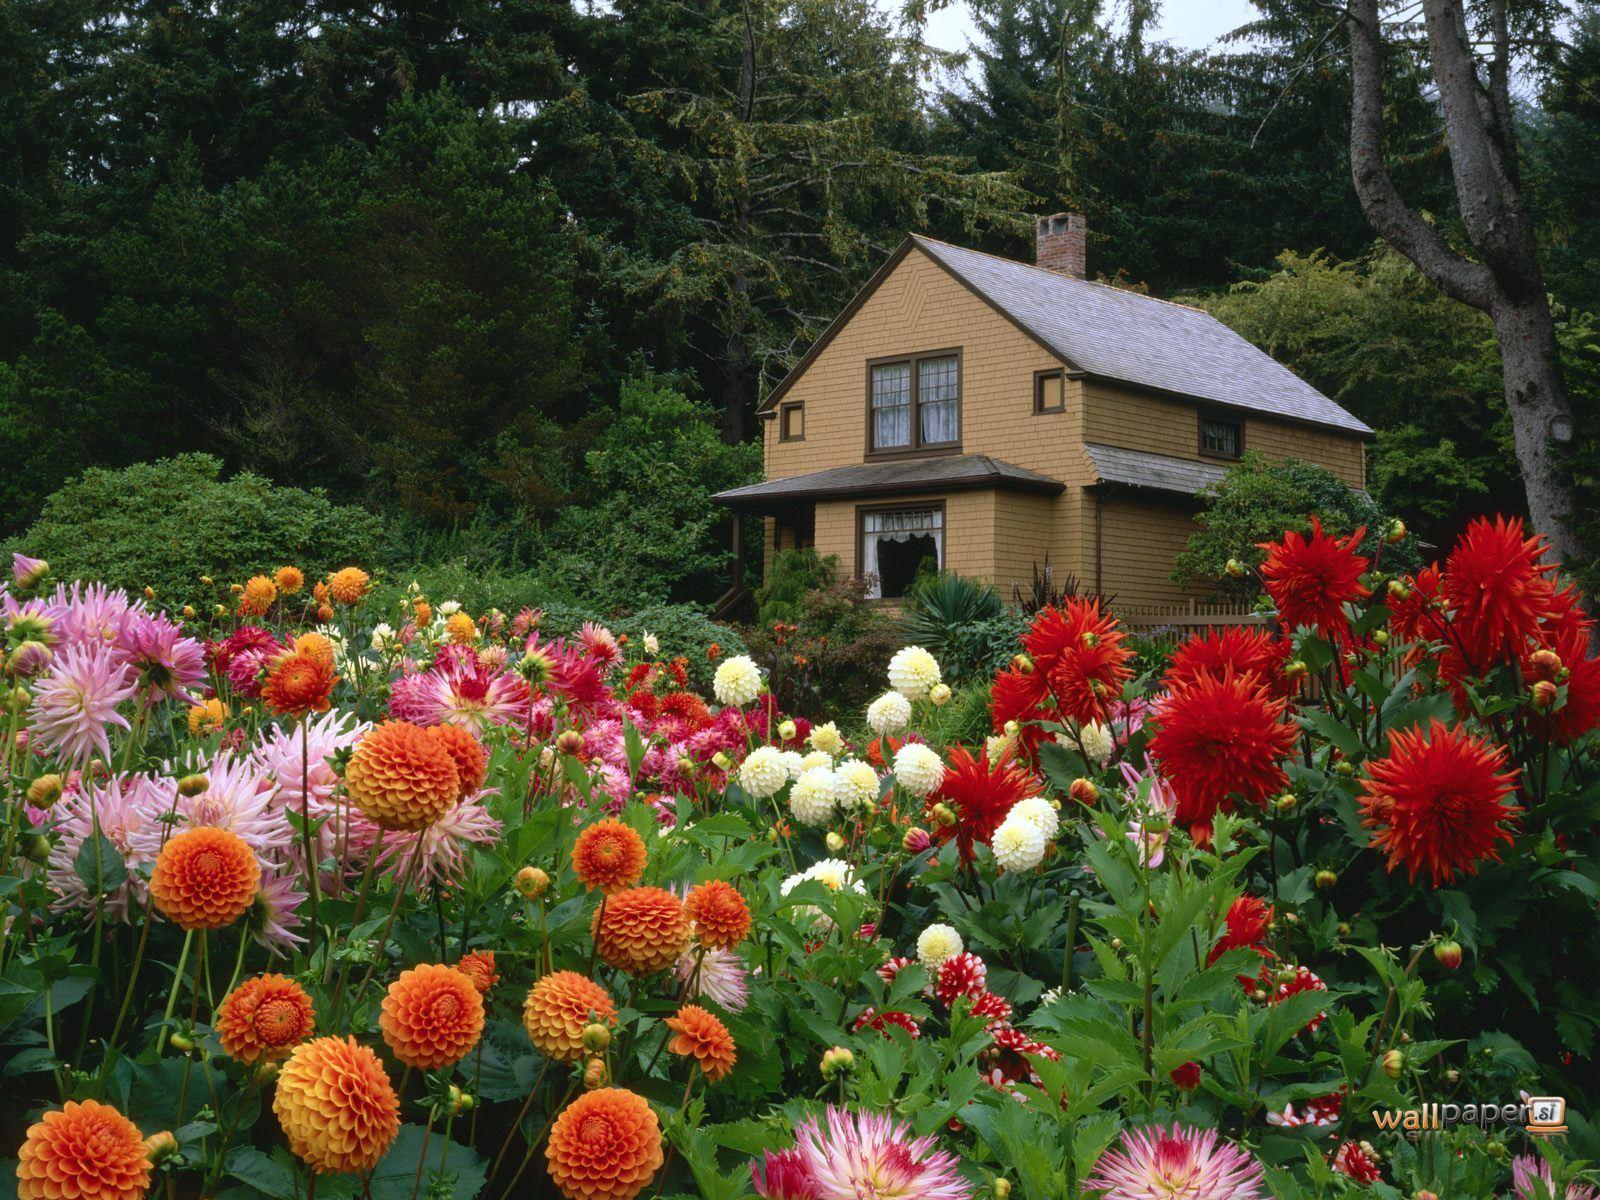 Gambar Taman Bunga Full Hd Gambar Bunga